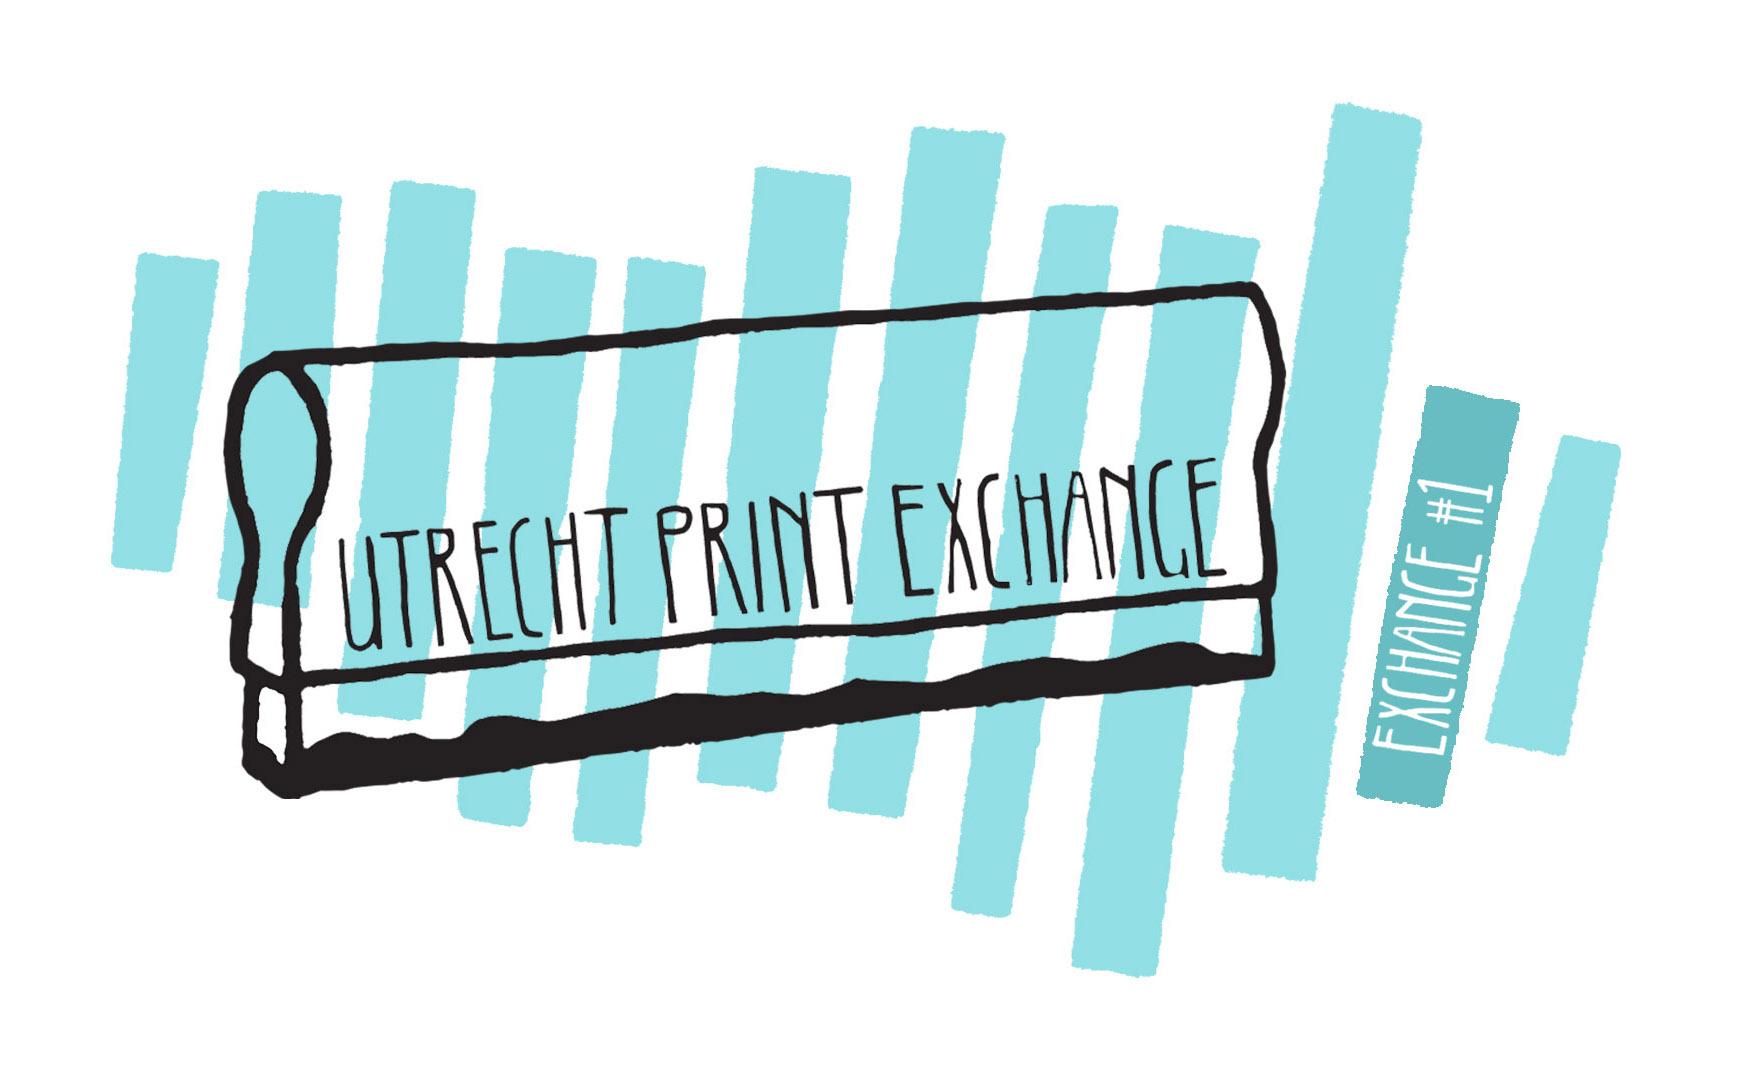 Utrecht Print Exchange #1 event banner